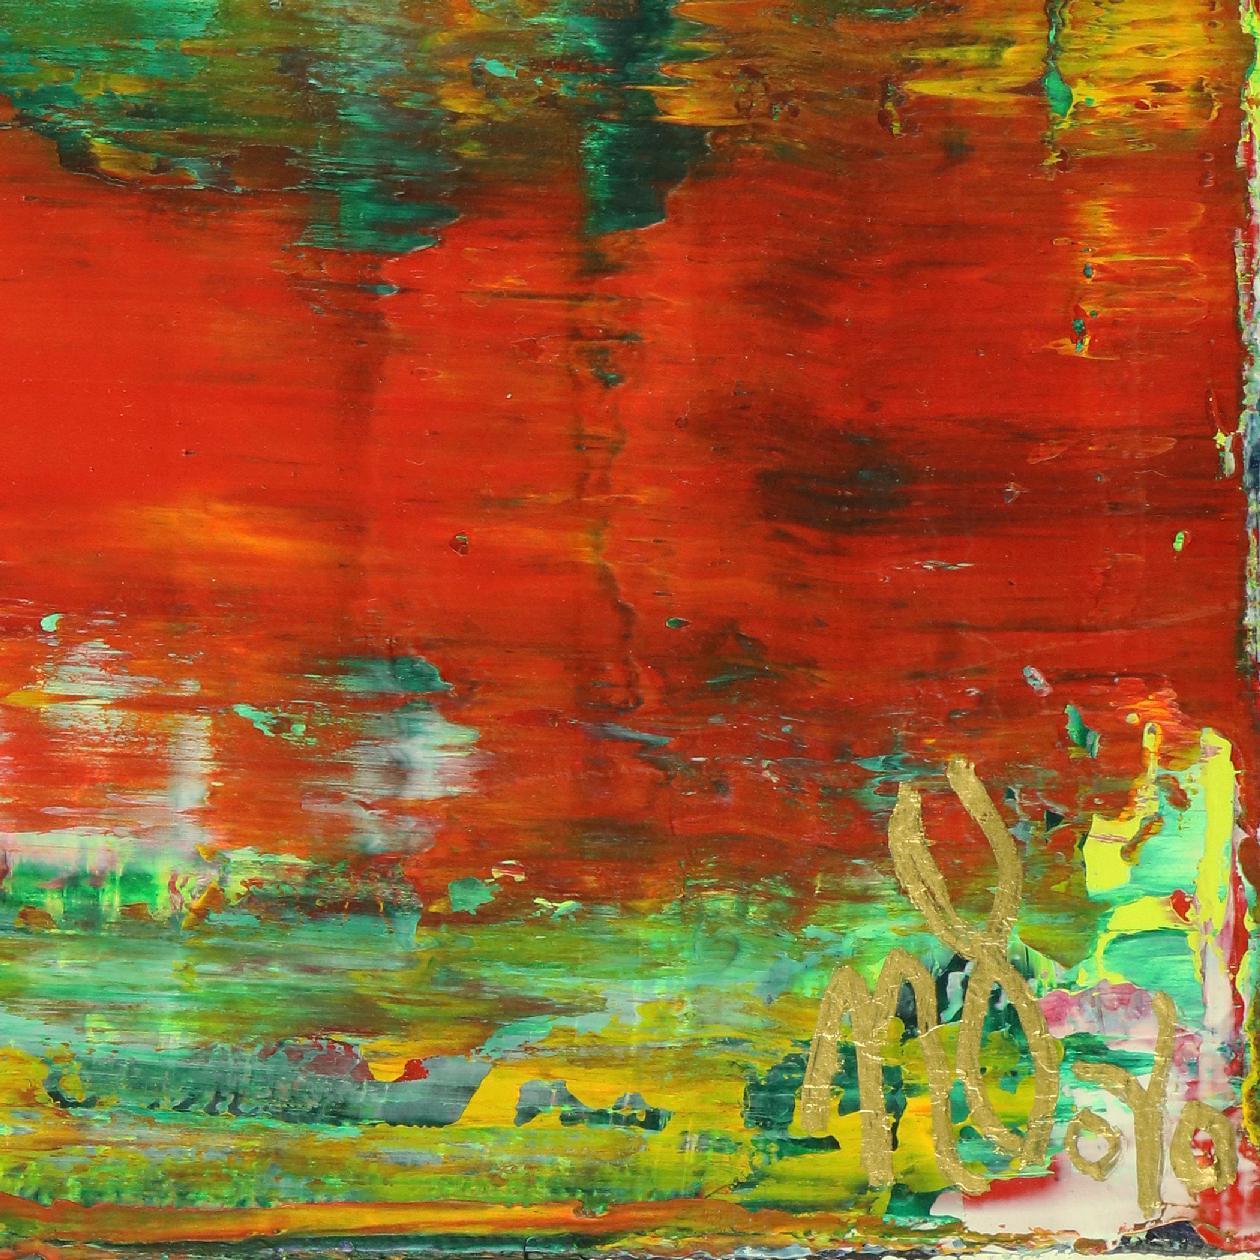 Rojo Infinito (Fiery Spectra) #1 (2020) by Nestor Toro - SOLD